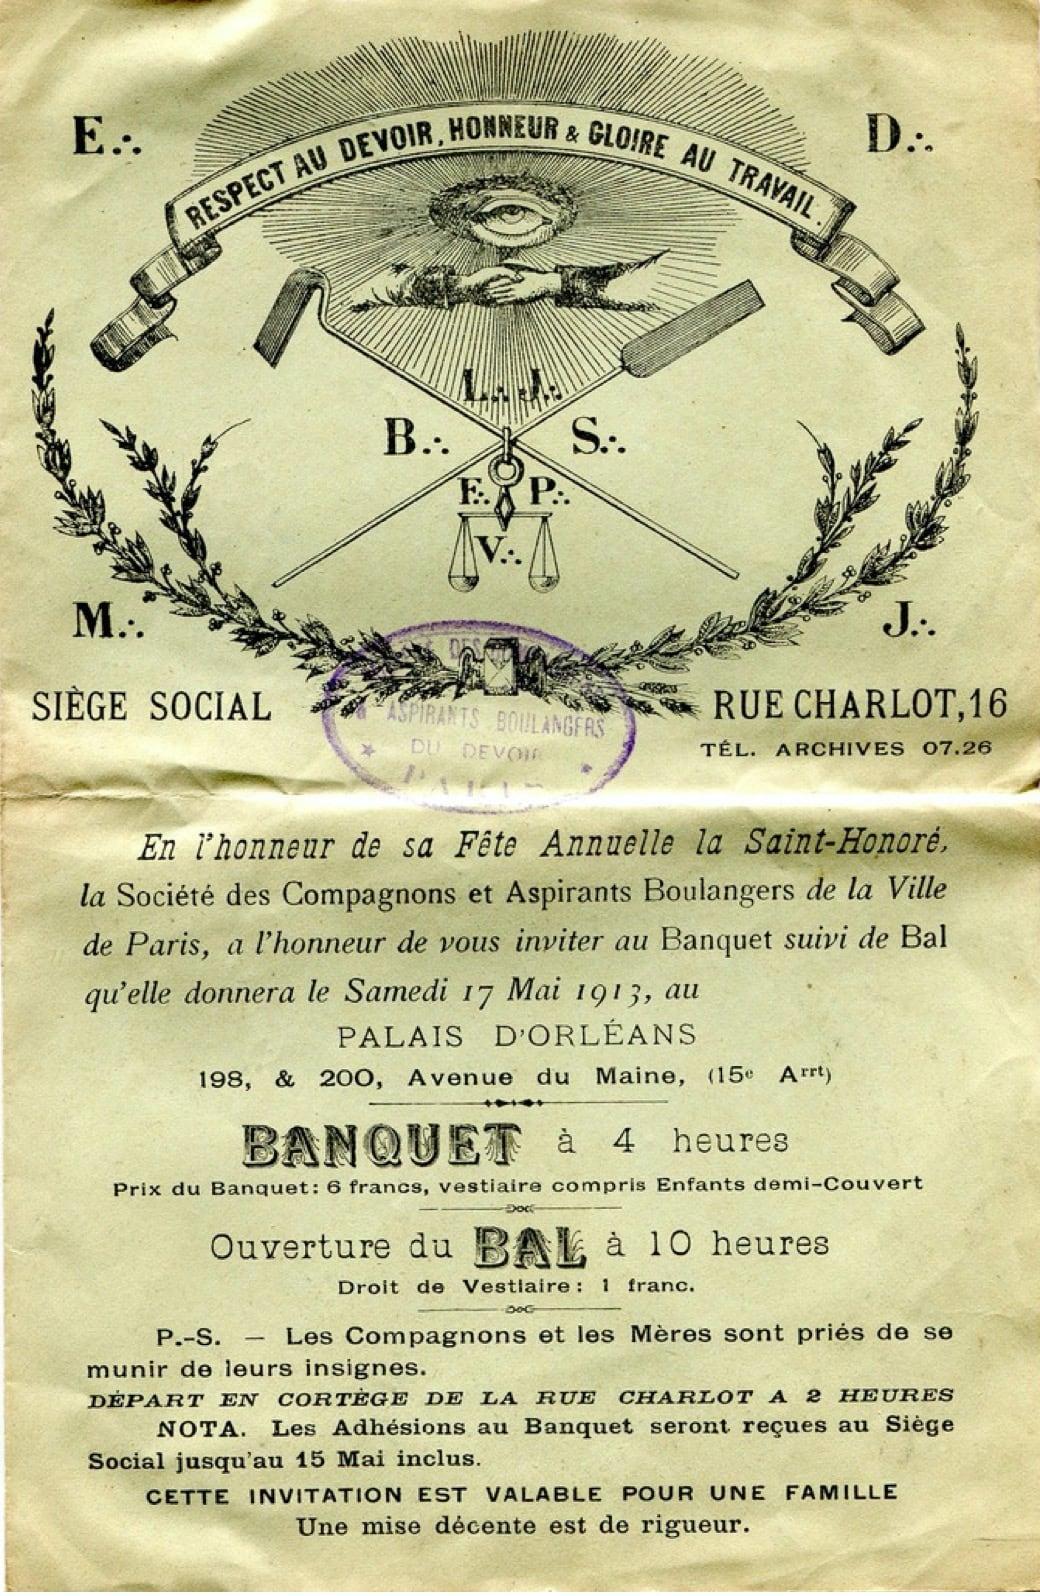 Saint-Honoré Paris 1913